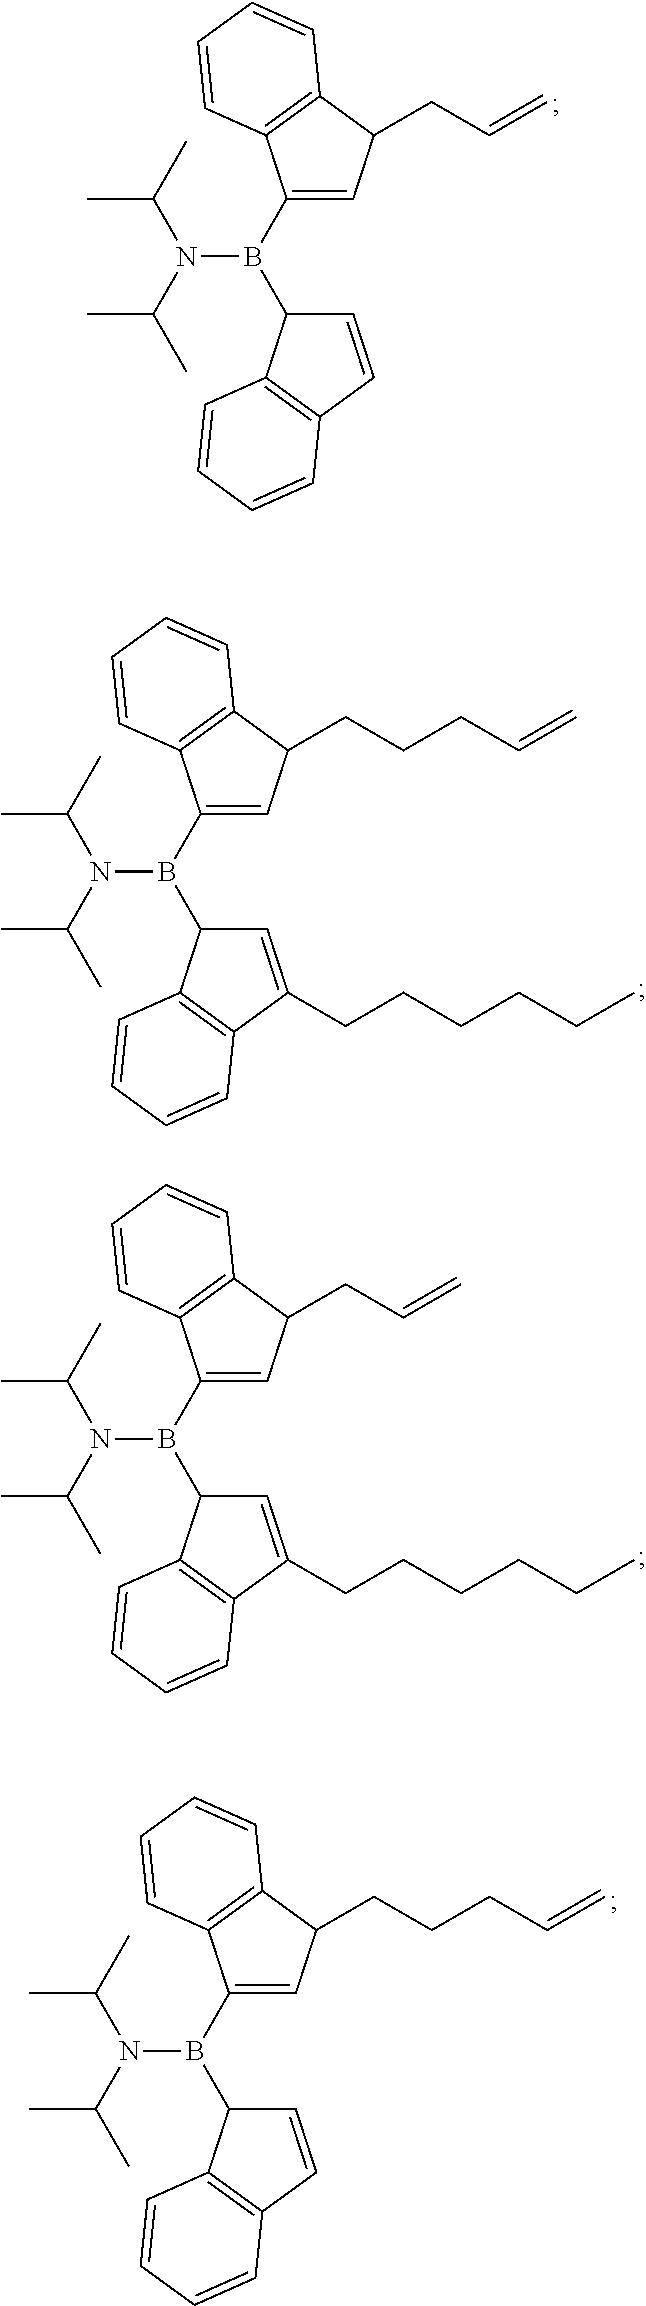 Figure US09469702-20161018-C00008